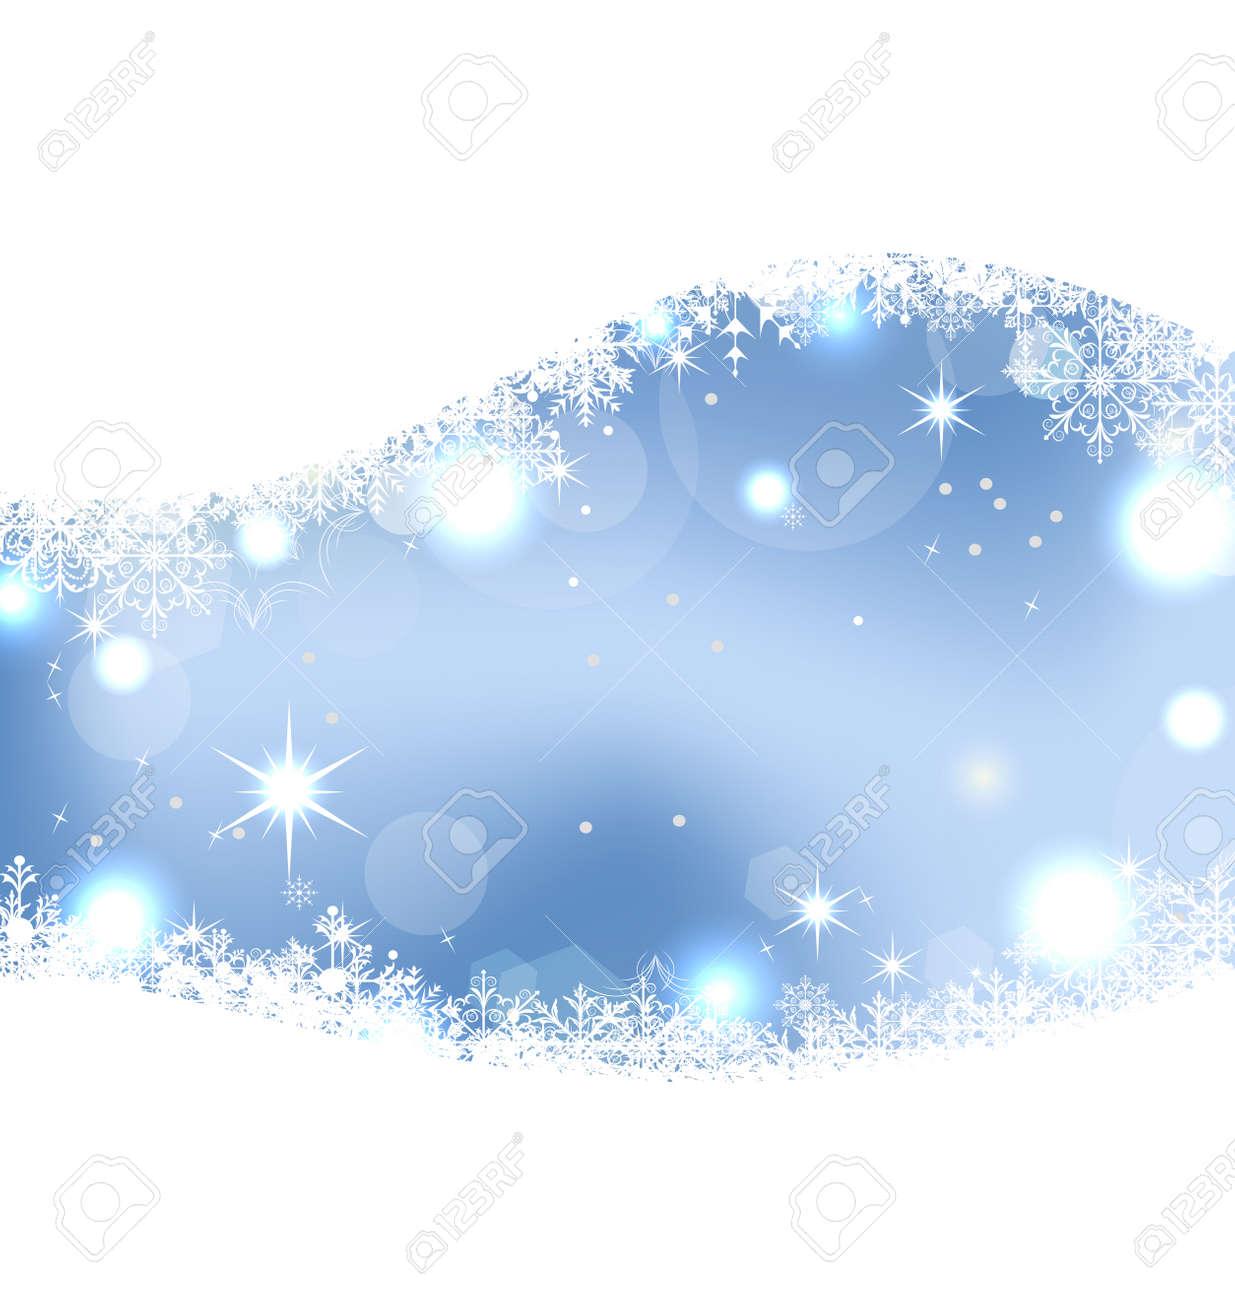 輝き 雪 星の図クリスマスかわいい壁紙のイラスト素材 ベクタ Image